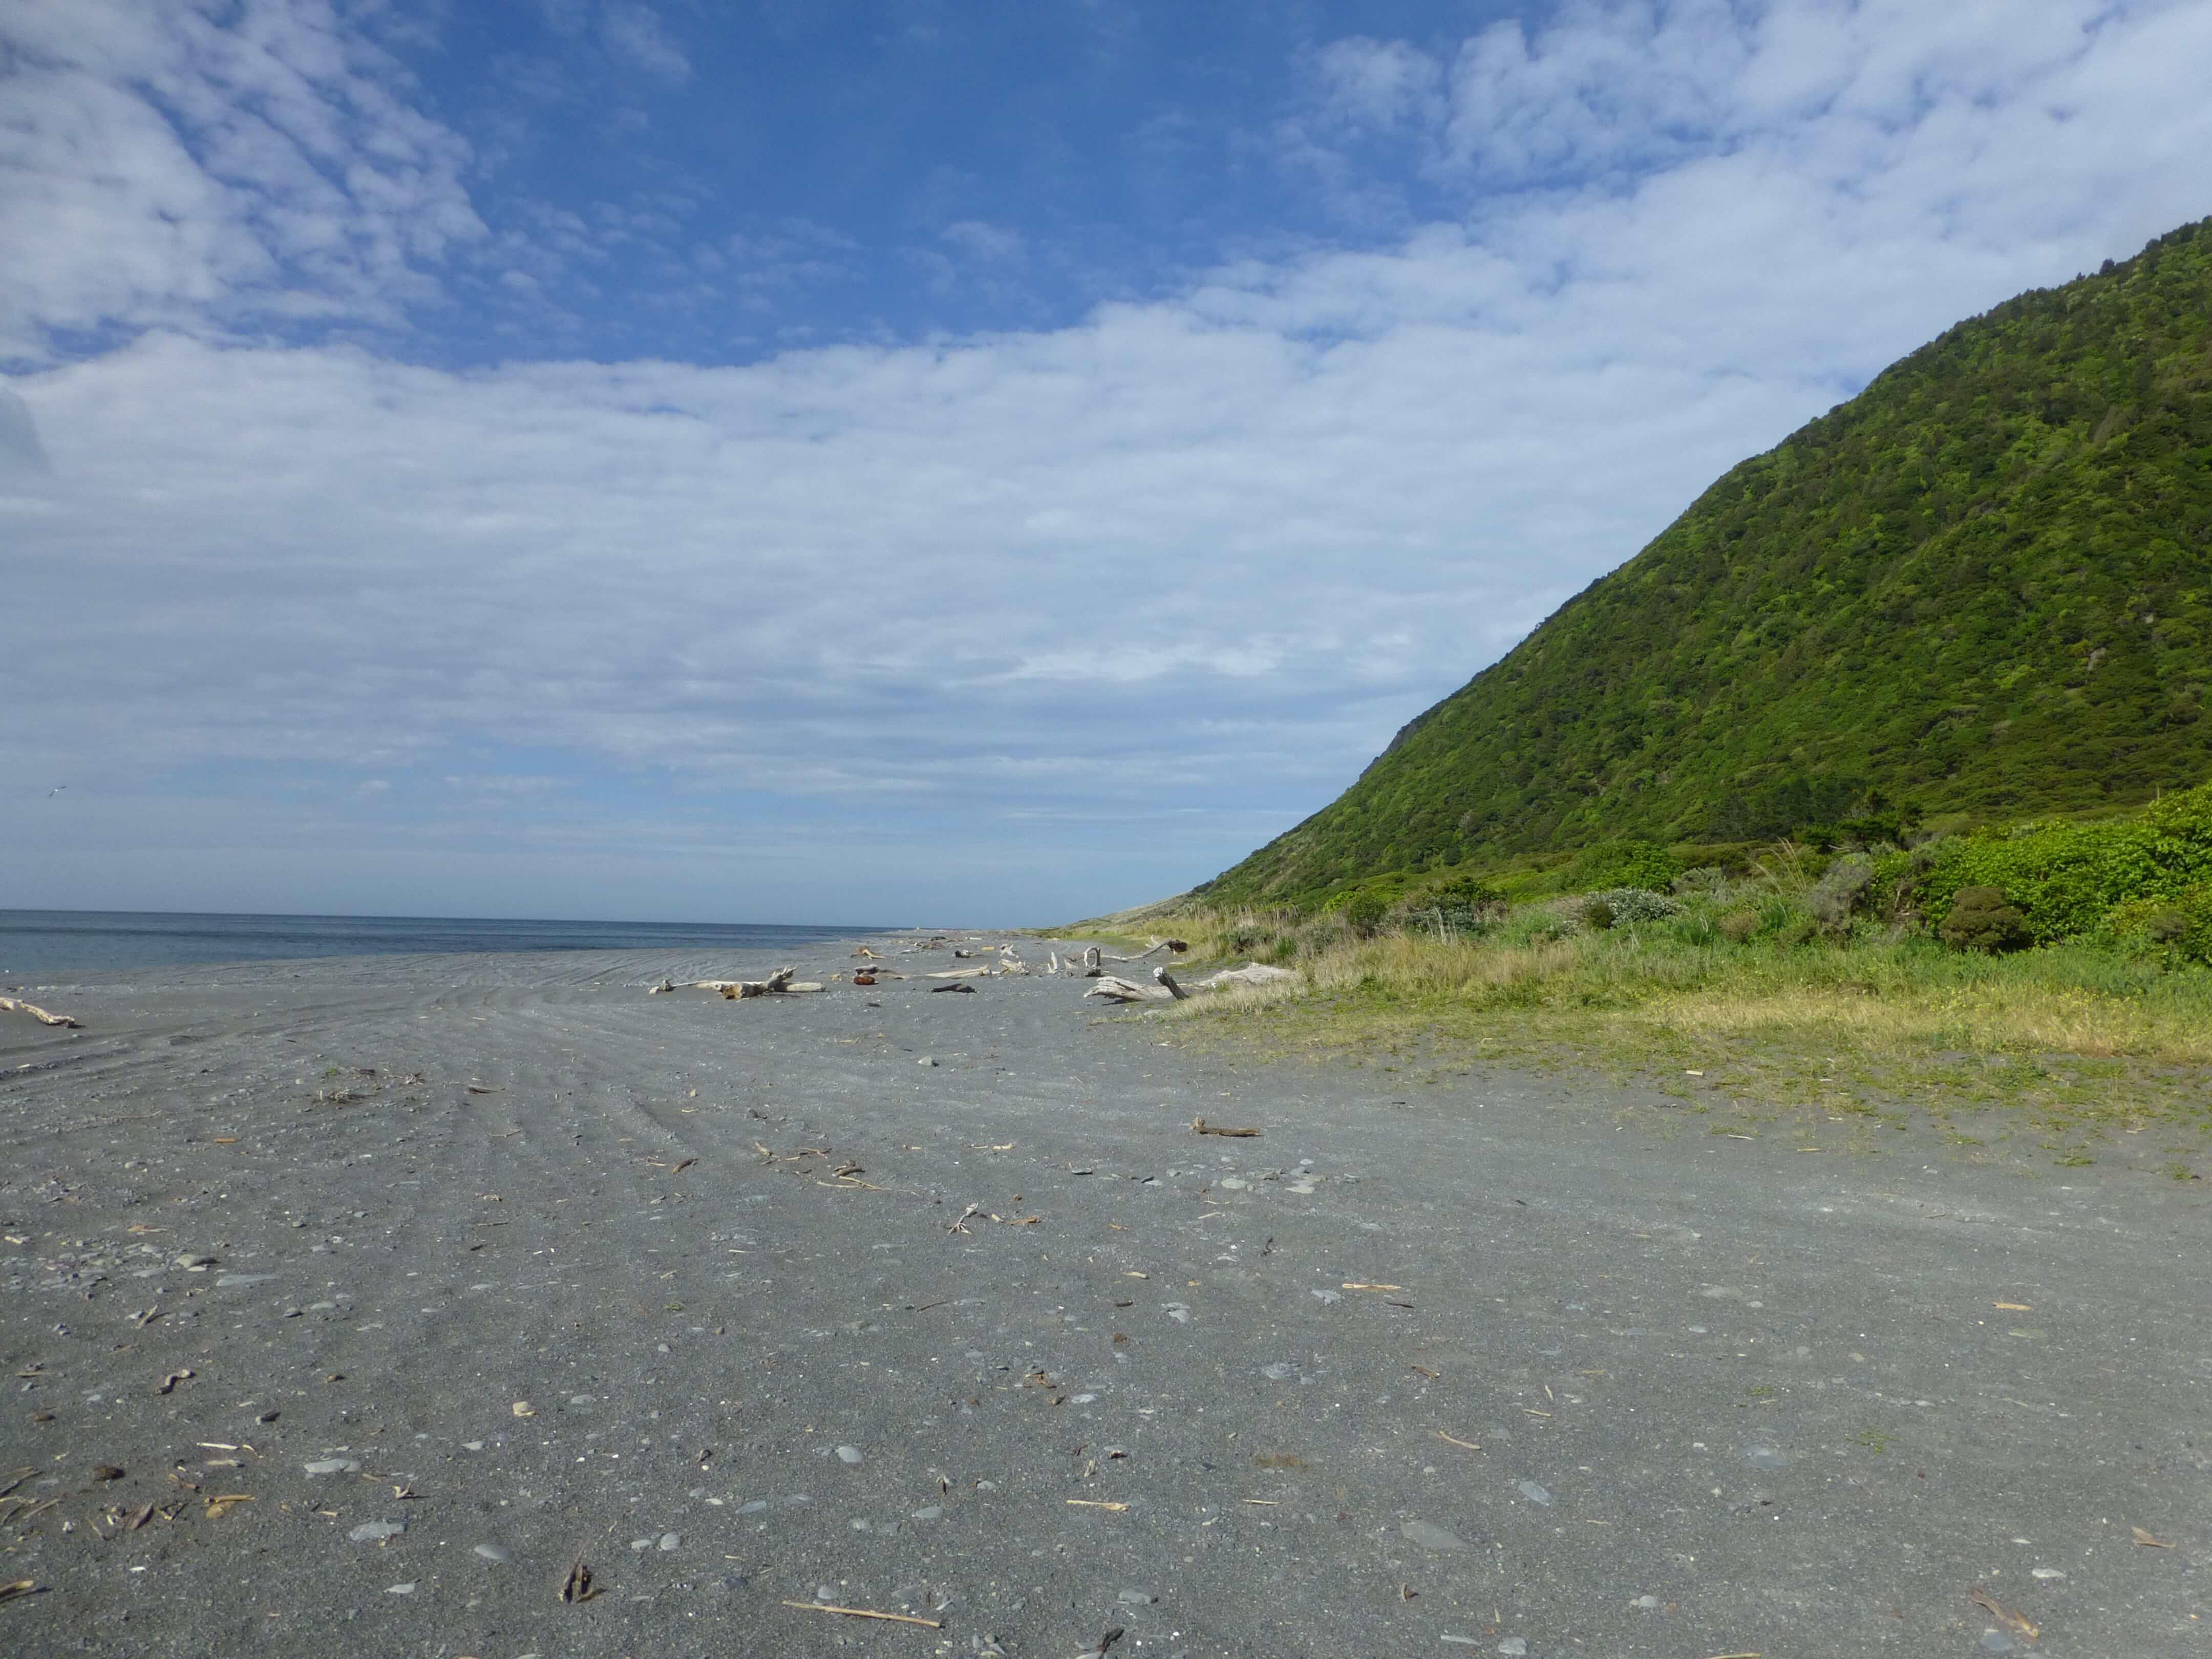 Weit-weg.reisen, Palliser Bay bei Corner Creek 10